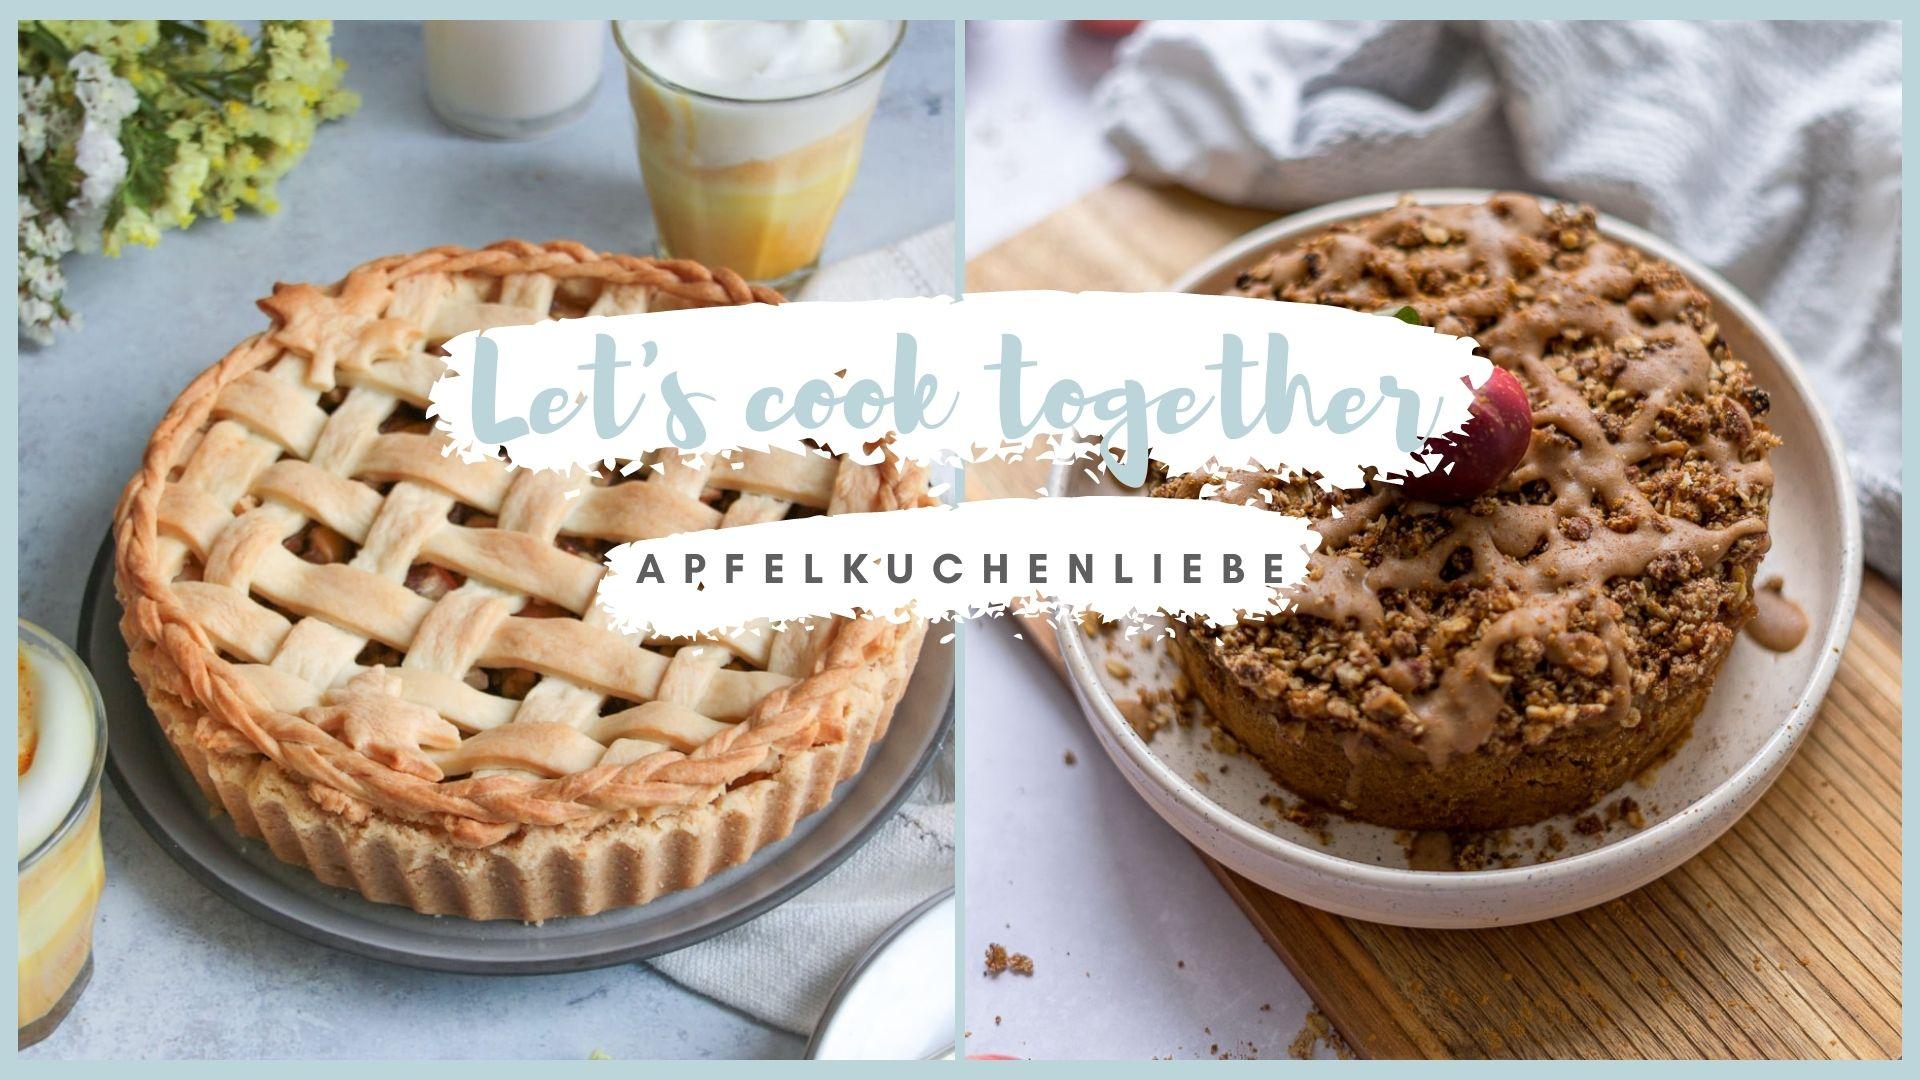 LTC Apfelkuchenliebe